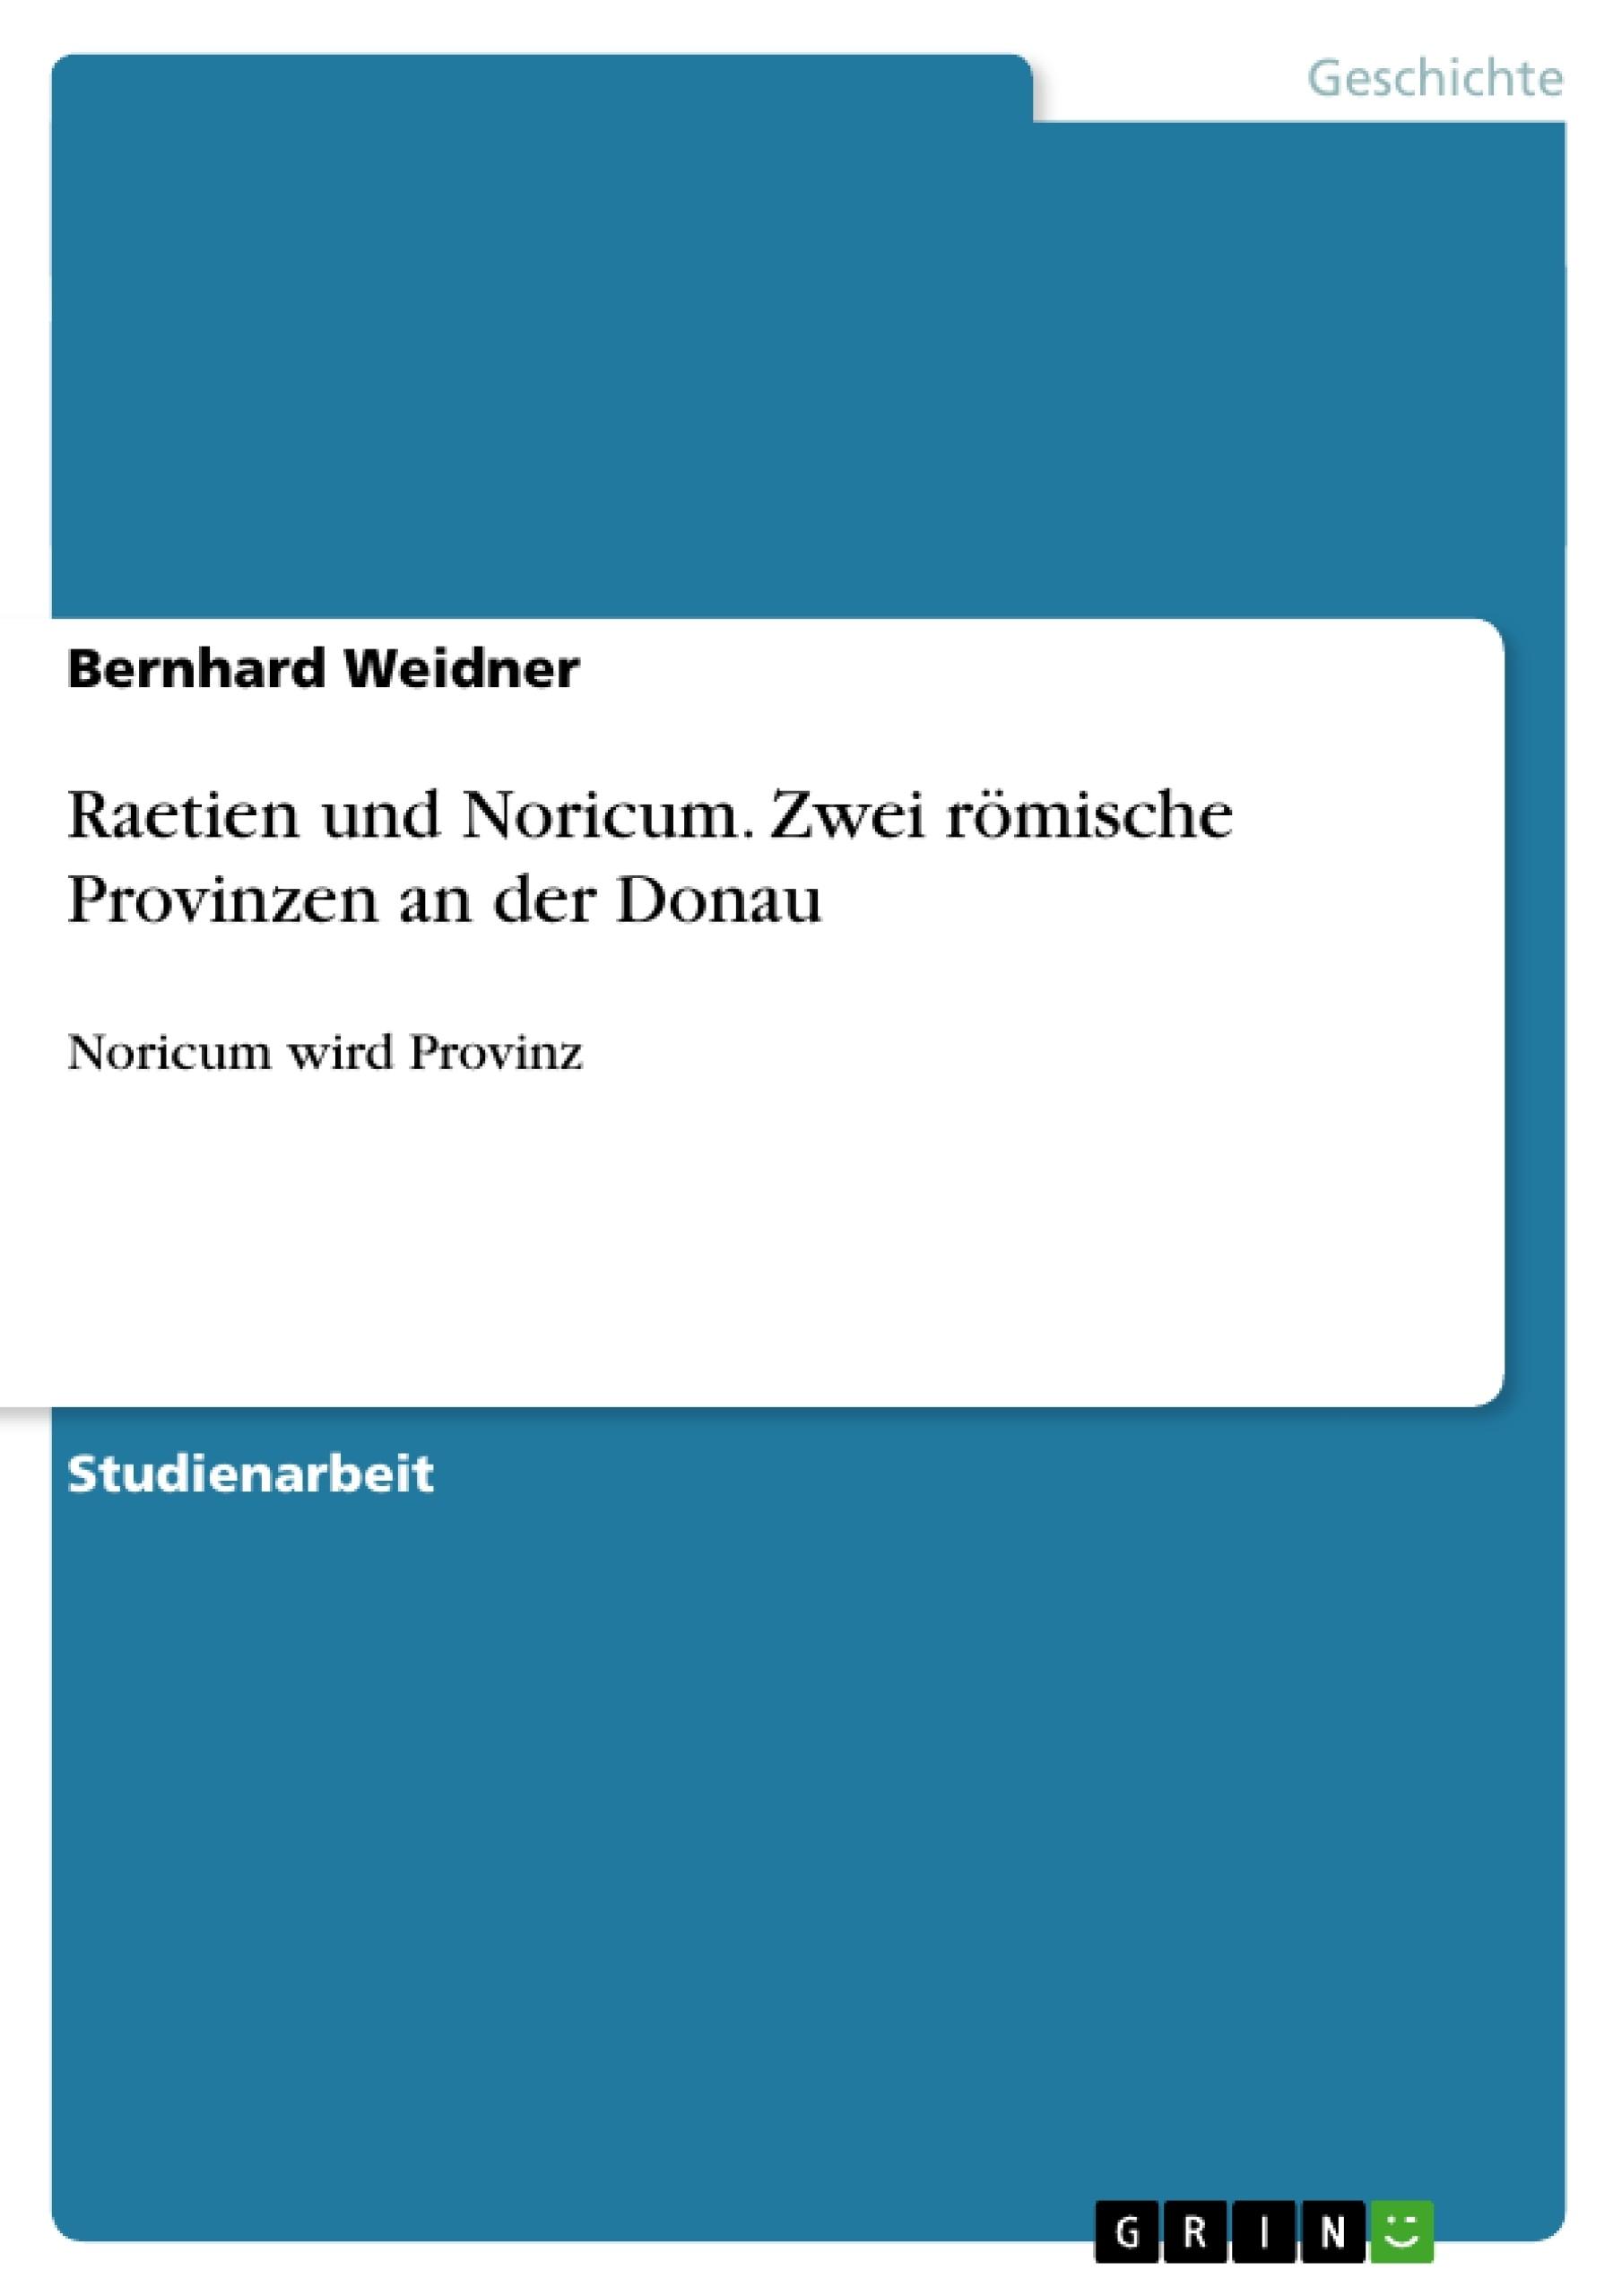 Titel: Raetien und Noricum. Zwei römische Provinzen an der Donau